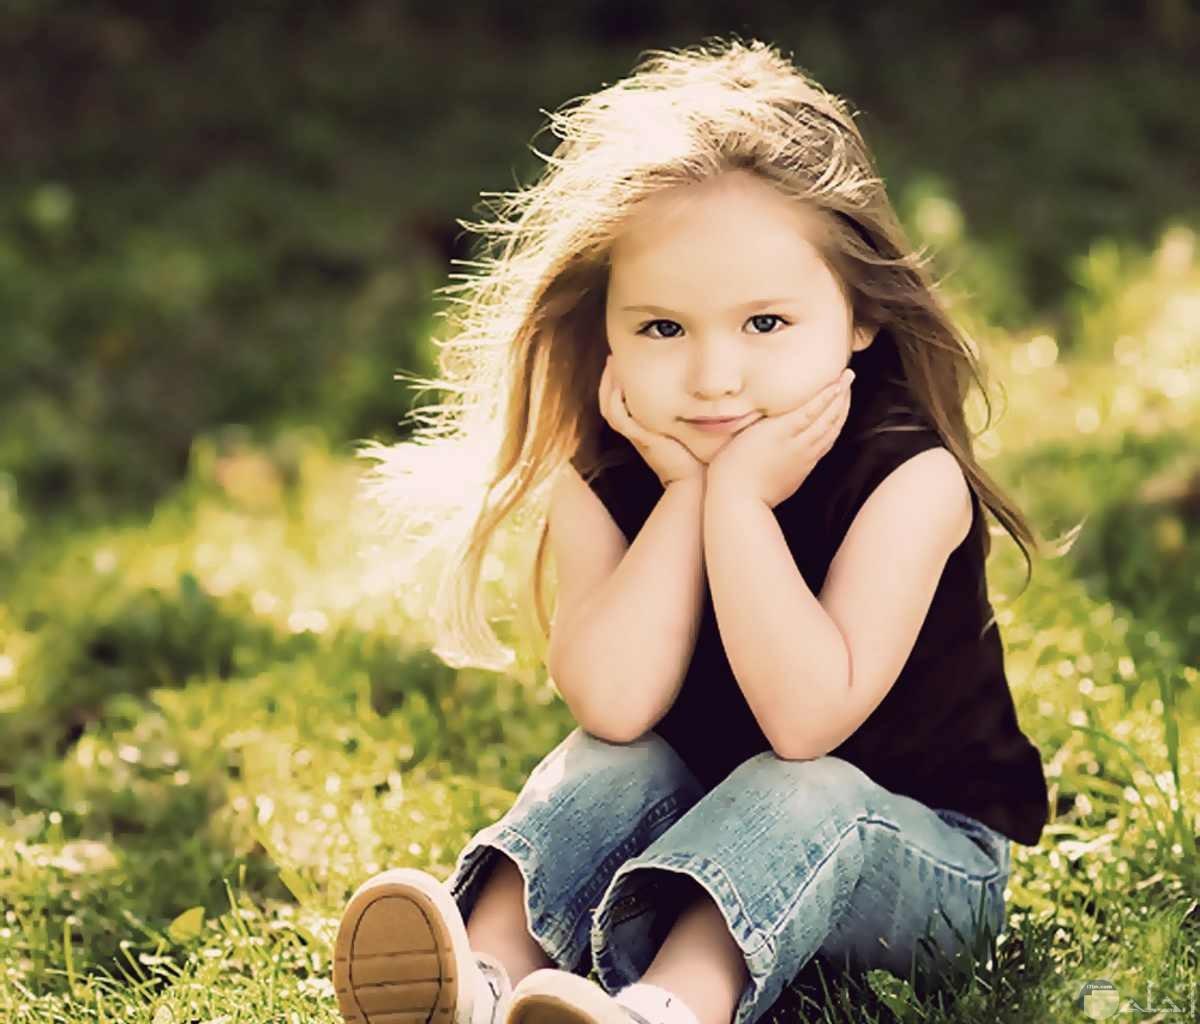 بنت صغيرة جميلة تجلس وسط العشب الأخضر.